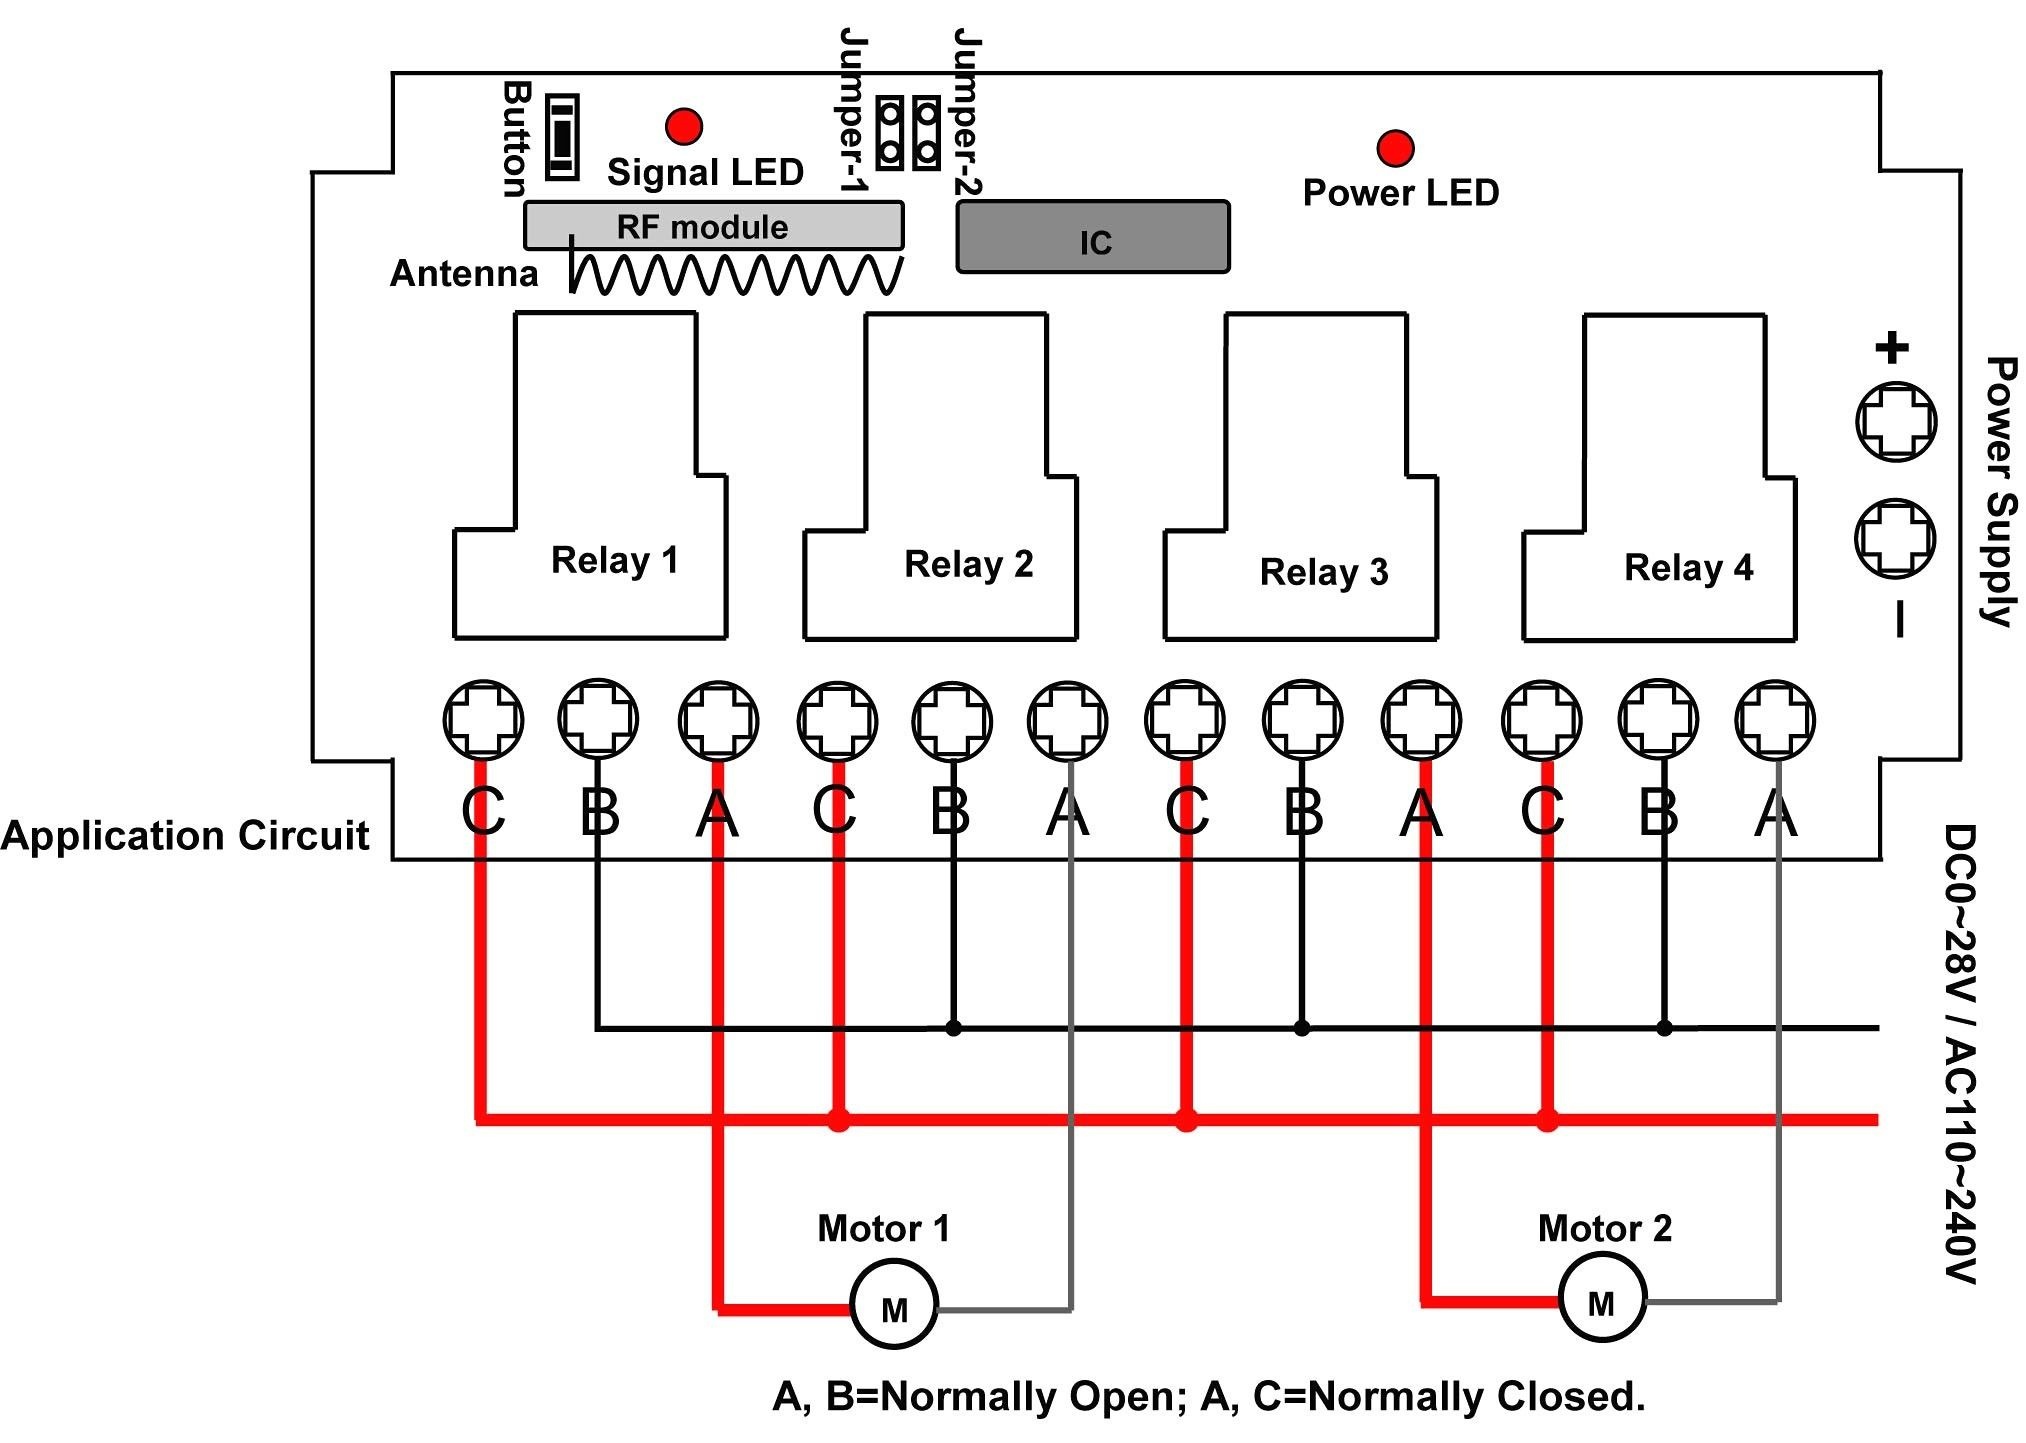 New Wiring Diagram Electric Garage Door Diagram Diagramsample Diagramtemplate Wiringdiagram Diagramchart Worksheet Wo Garage Doors Diagram Diagram Chart